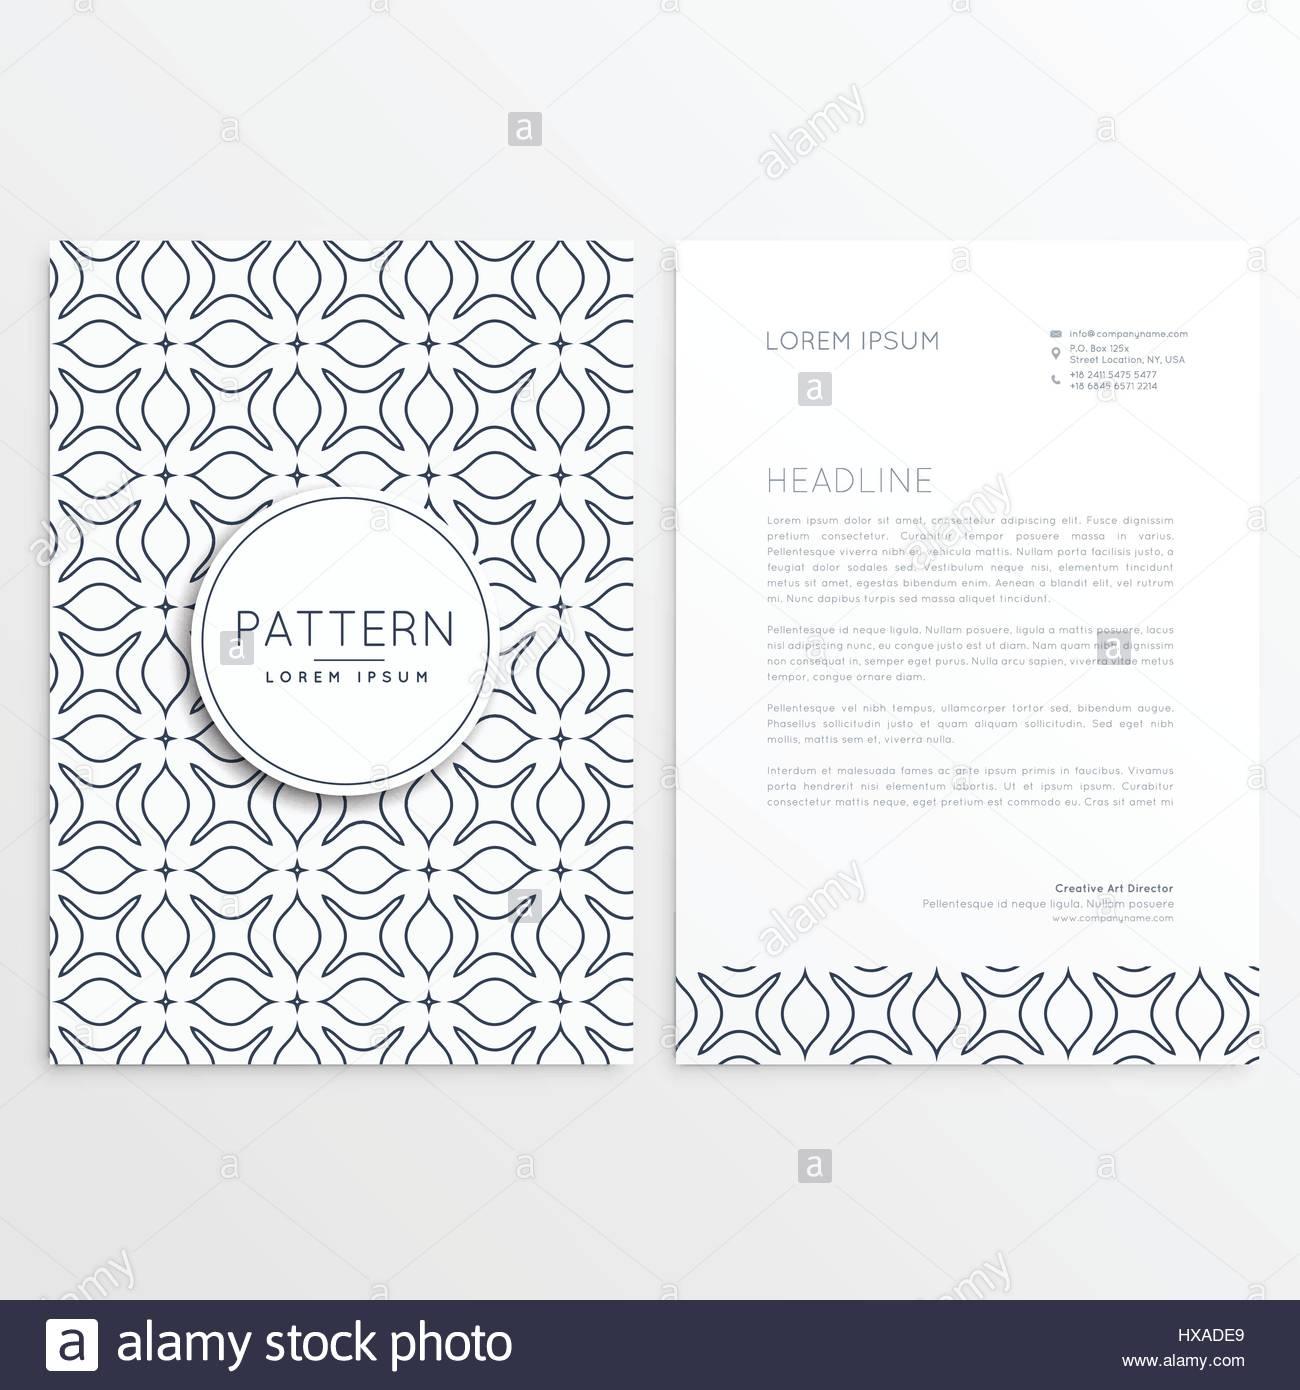 Briefkopf Design Im Minimalistischen Stil Vektor Abbildung Bild